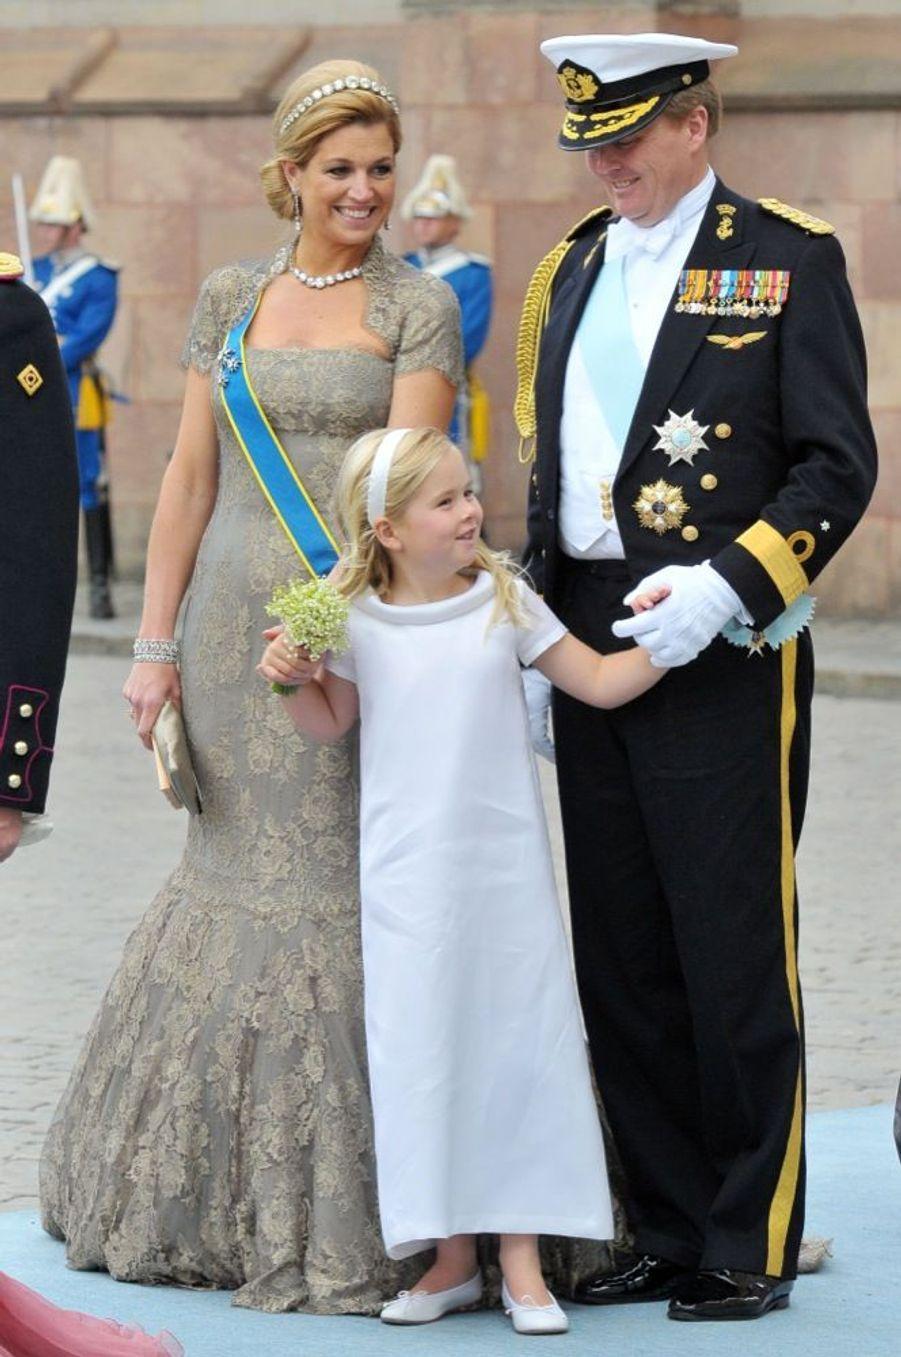 Maxima et Willem-Alexander des Pays, avec leur fille Catharina-Amalia au mariage de la princesse Victoria de Suède et de Daniel Westling, samedi 19 juin 2010 au palais royal de Stockholm.